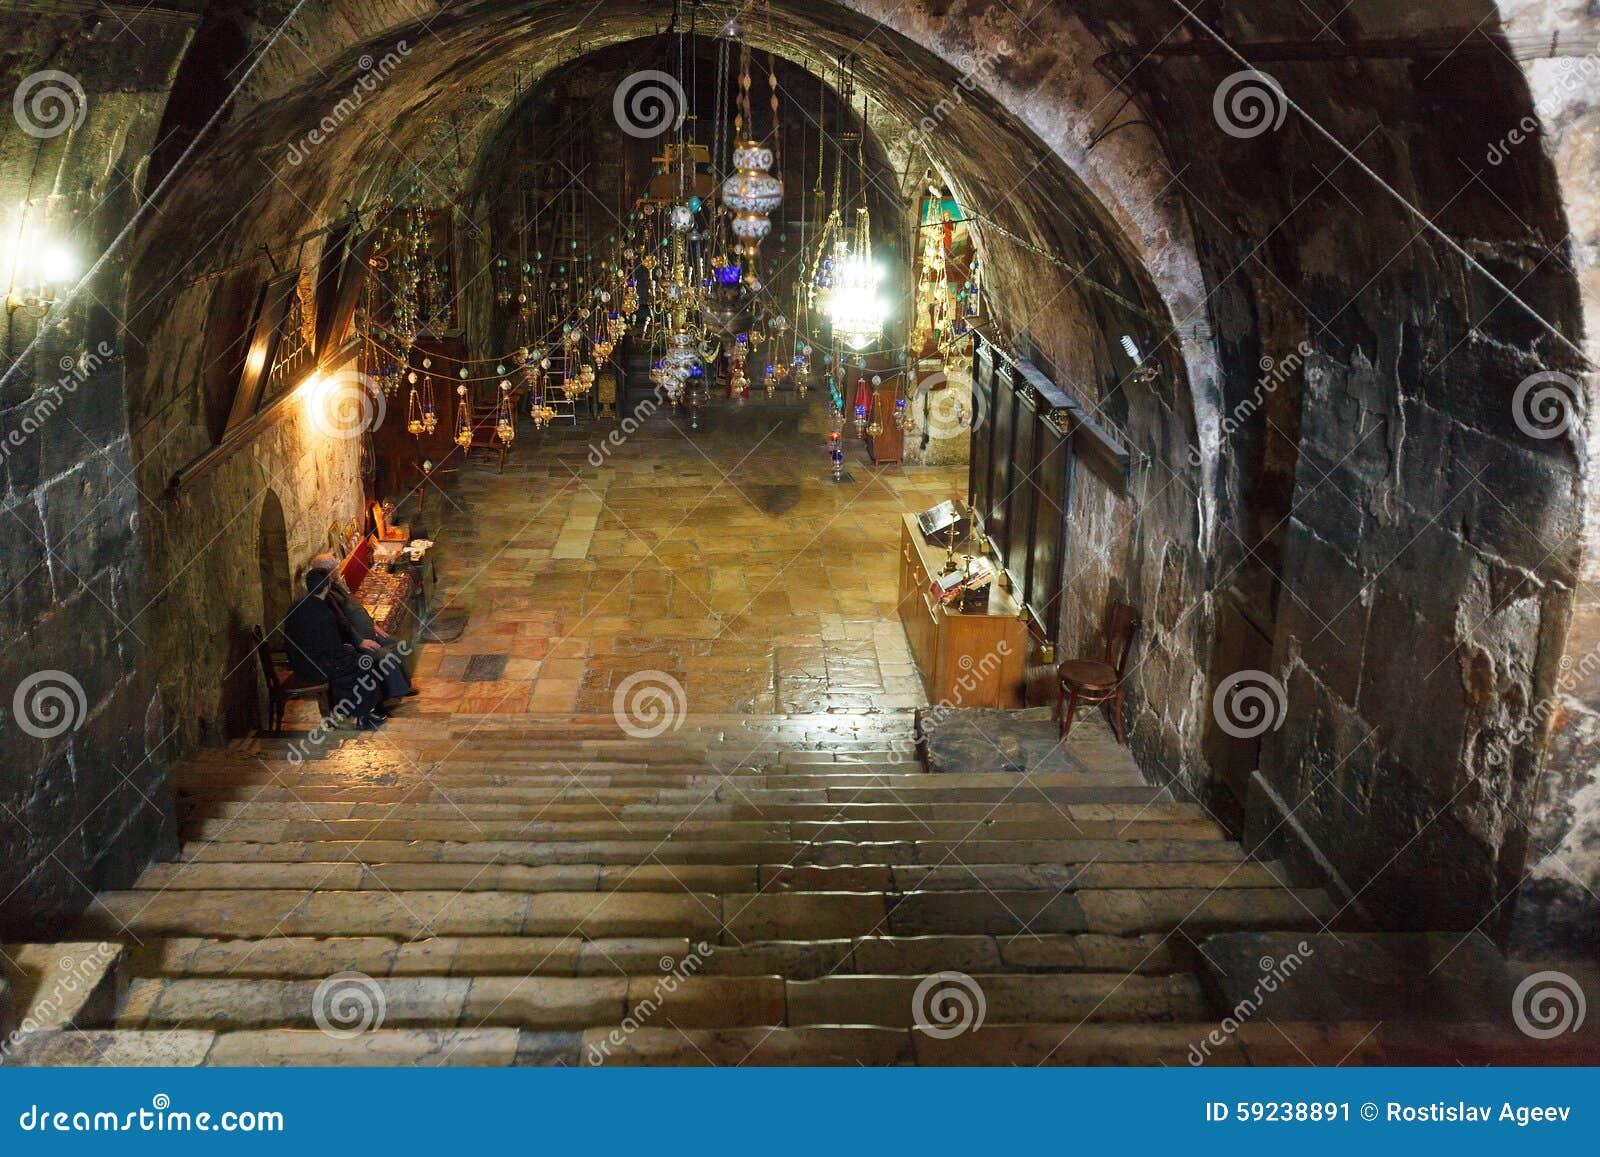 Tumba interior de la Virgen María, Kidron Valley, Jerusalén